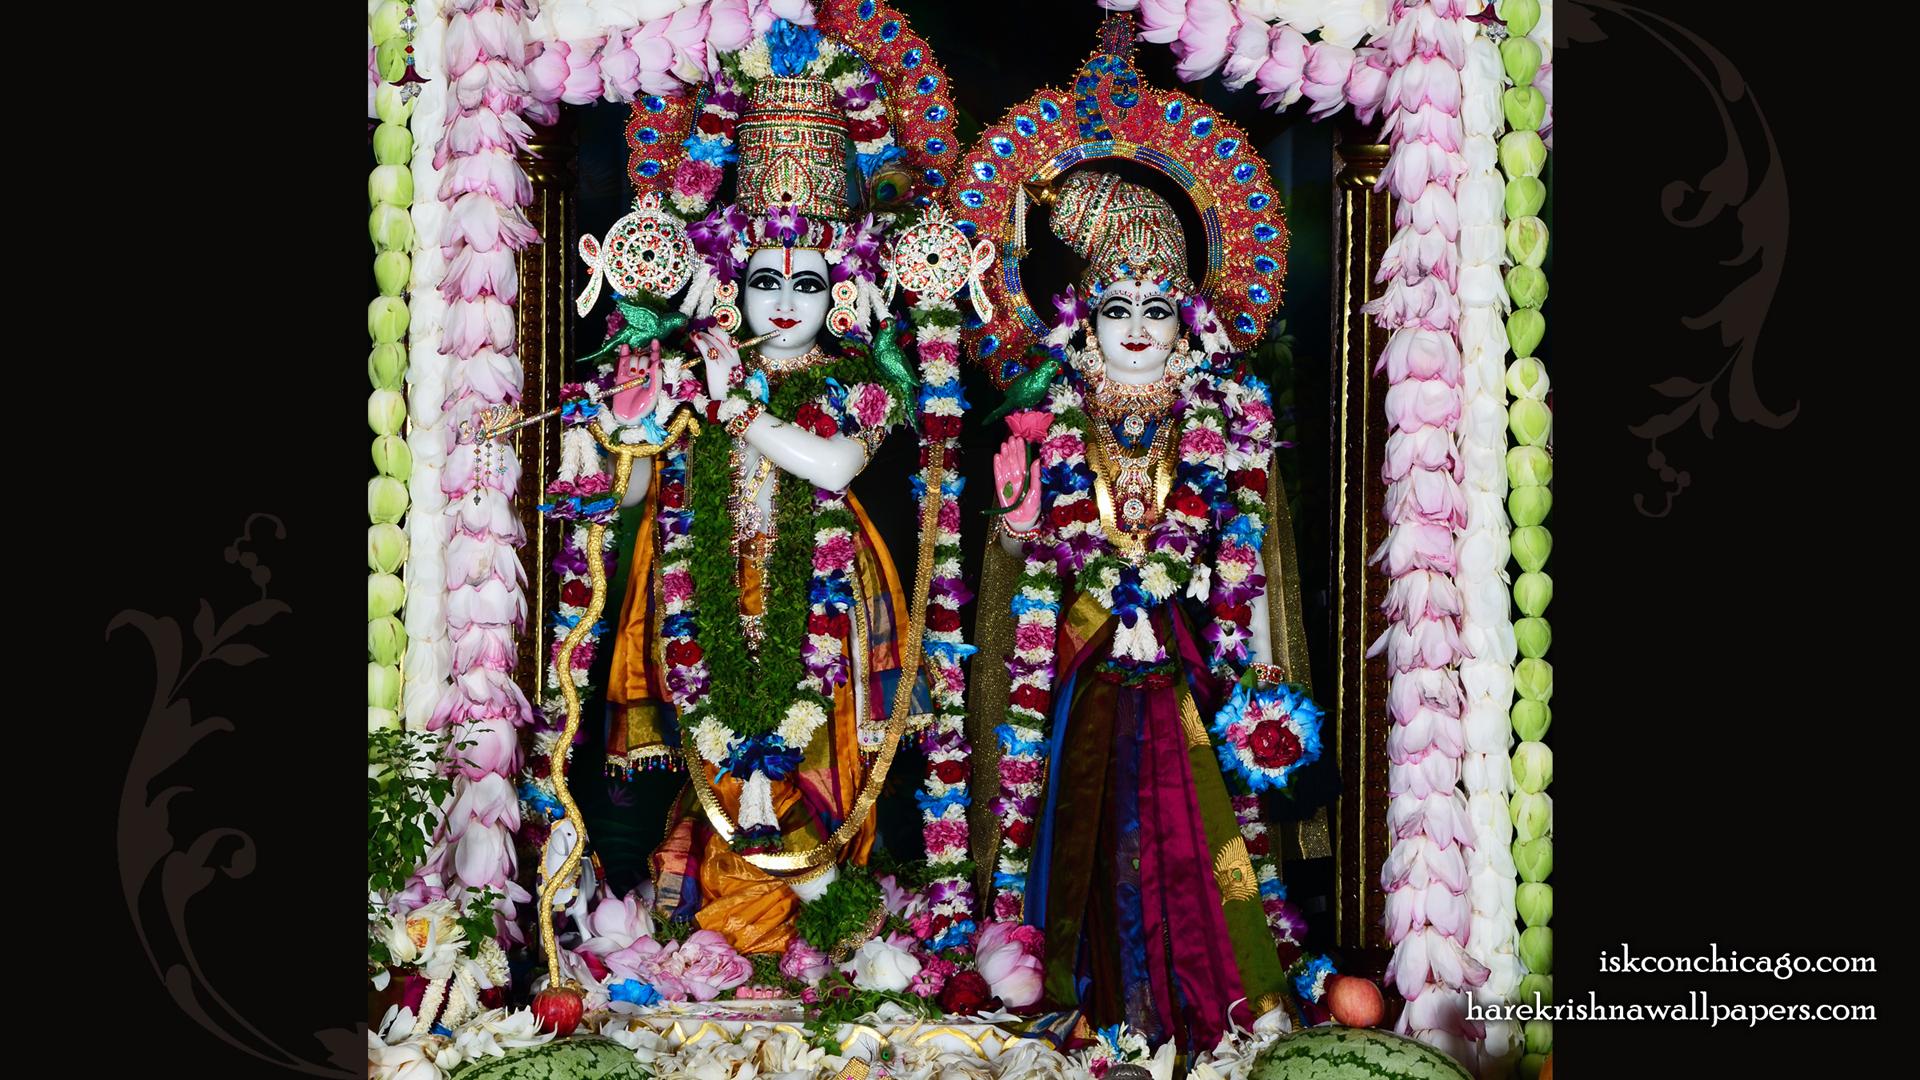 Sri Sri Radha Govinda Wallpaper (008) Size 1920x1080 Download